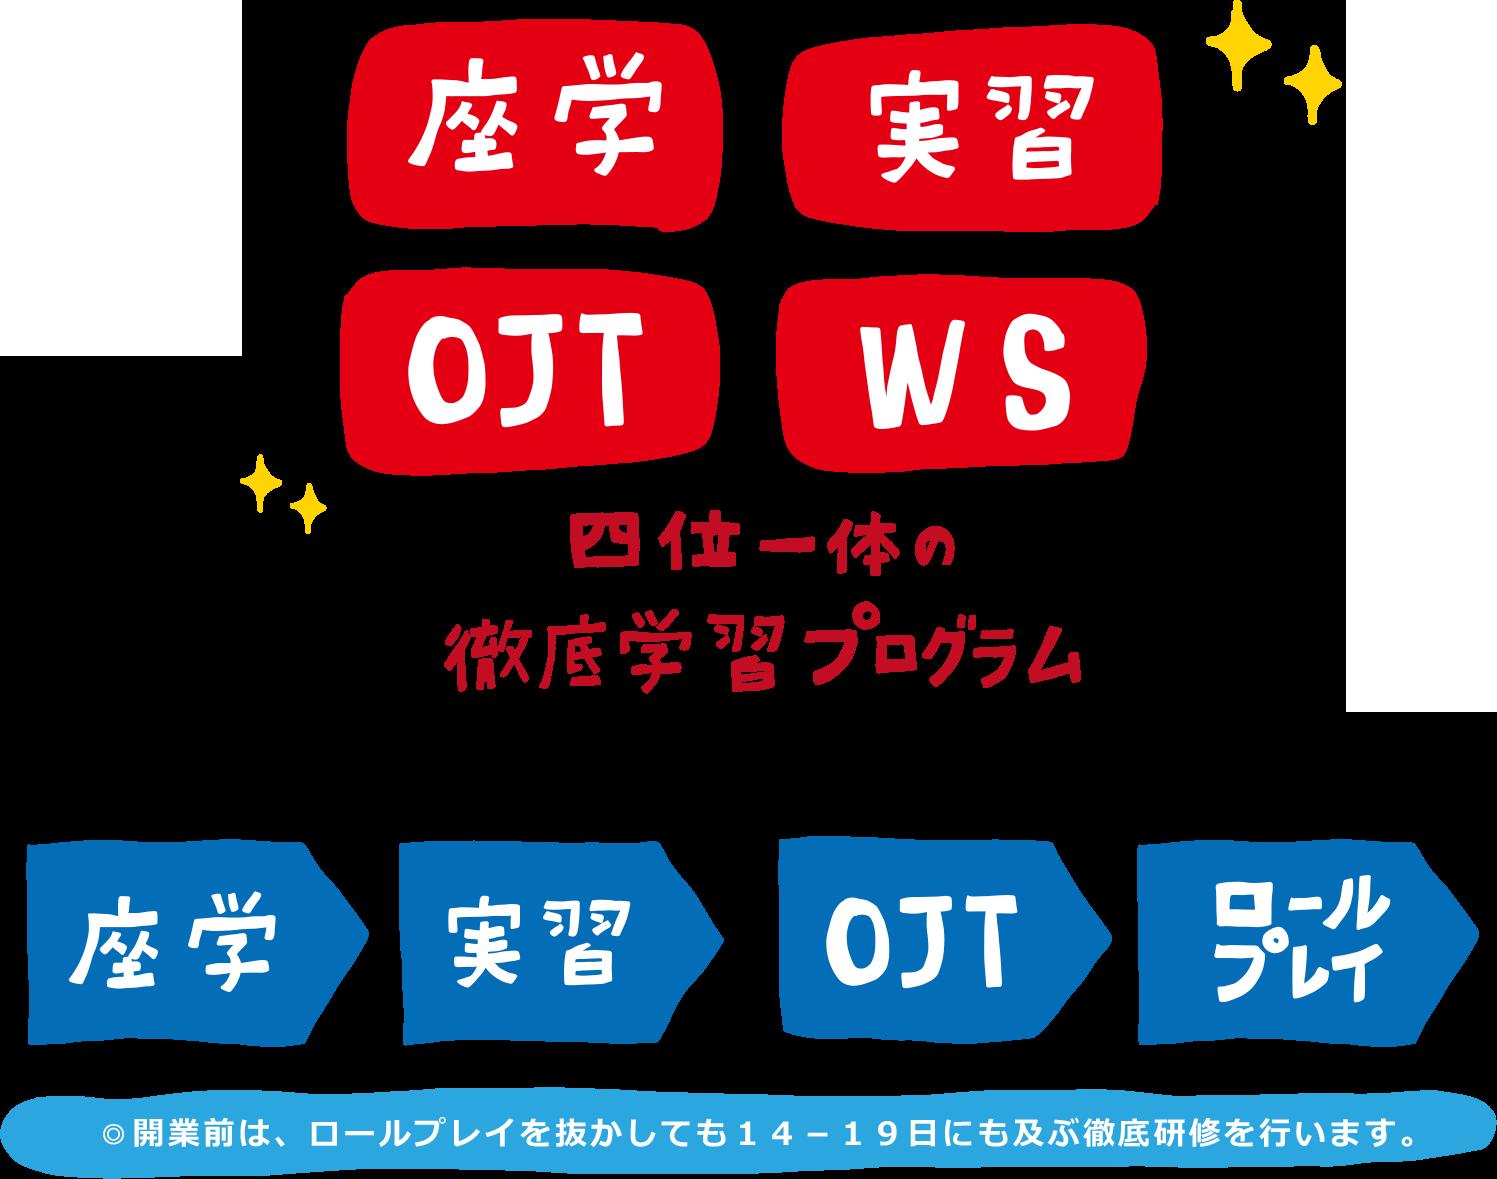 KDPの強み③「スタッフ教育プログラム」